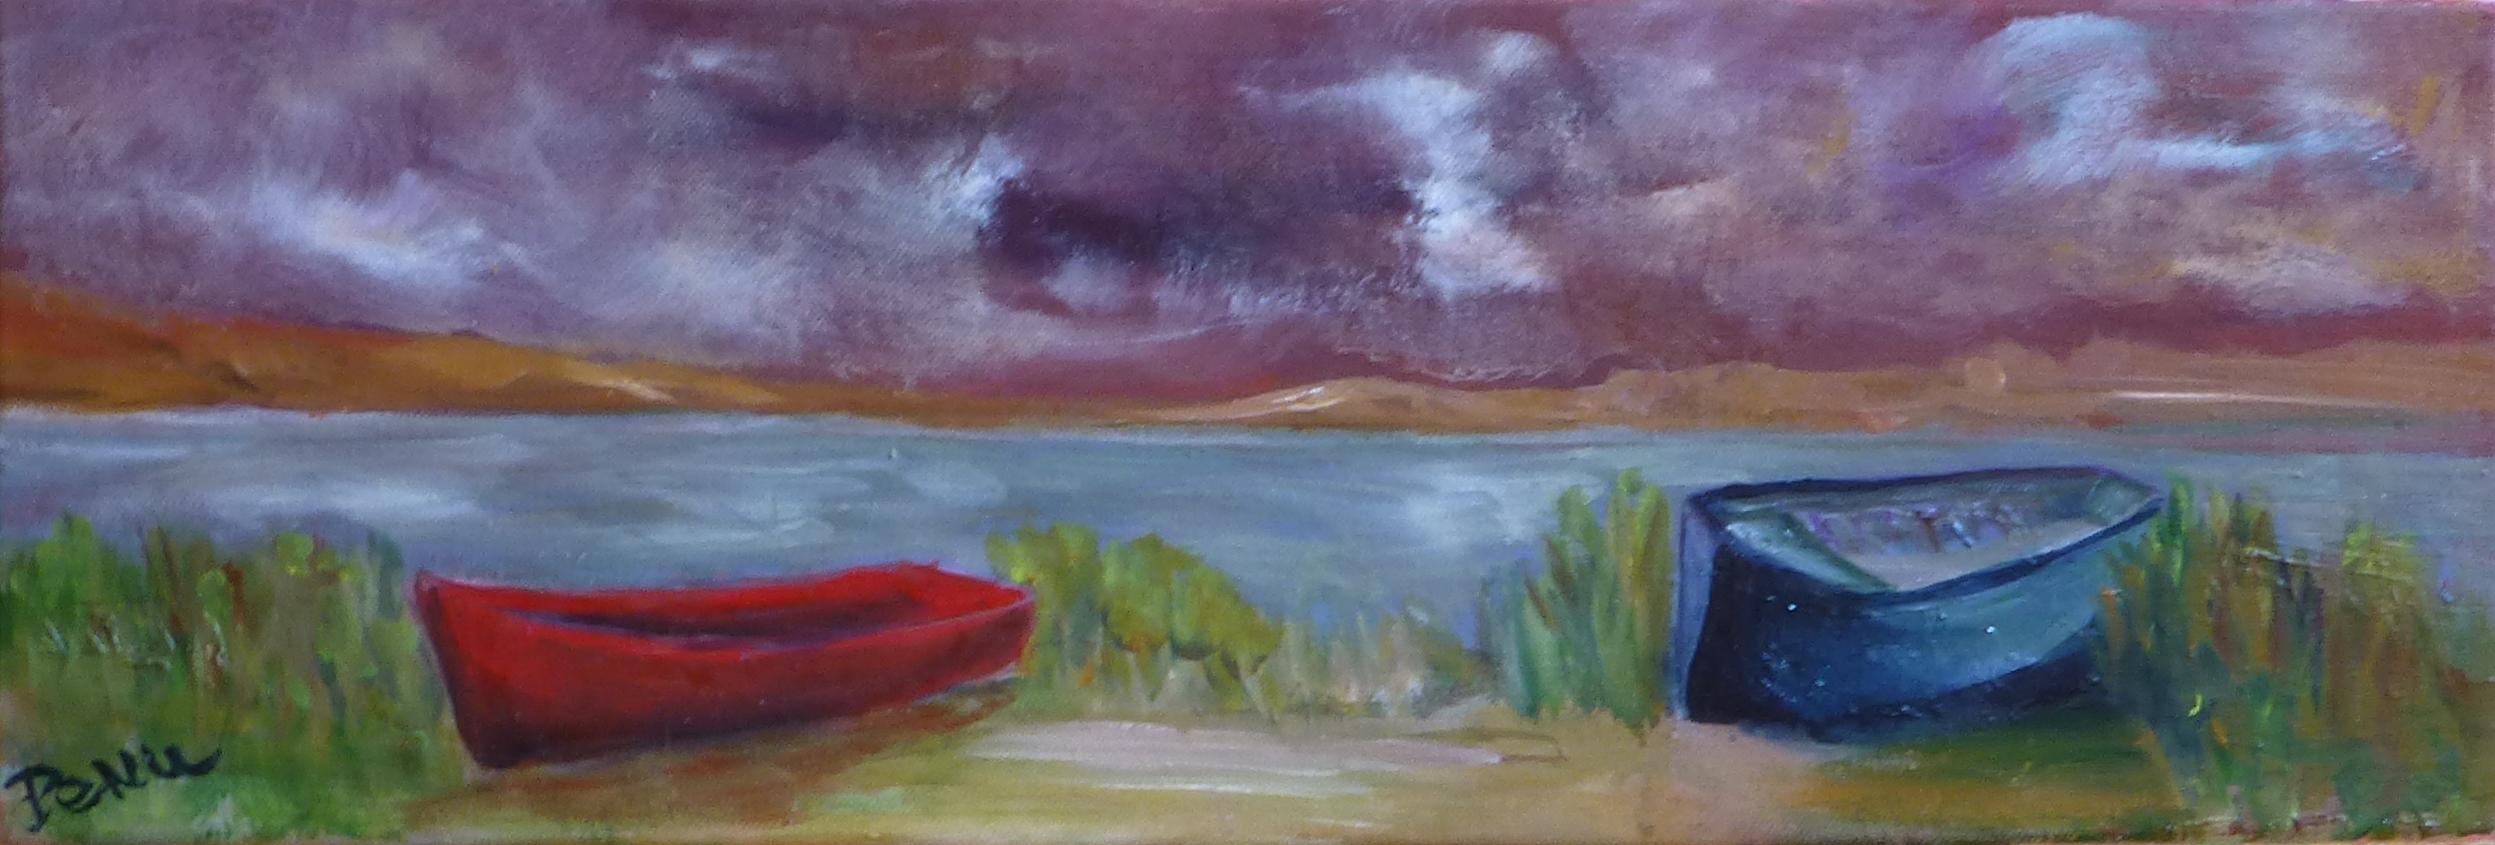 Barques sur fond rouge indien